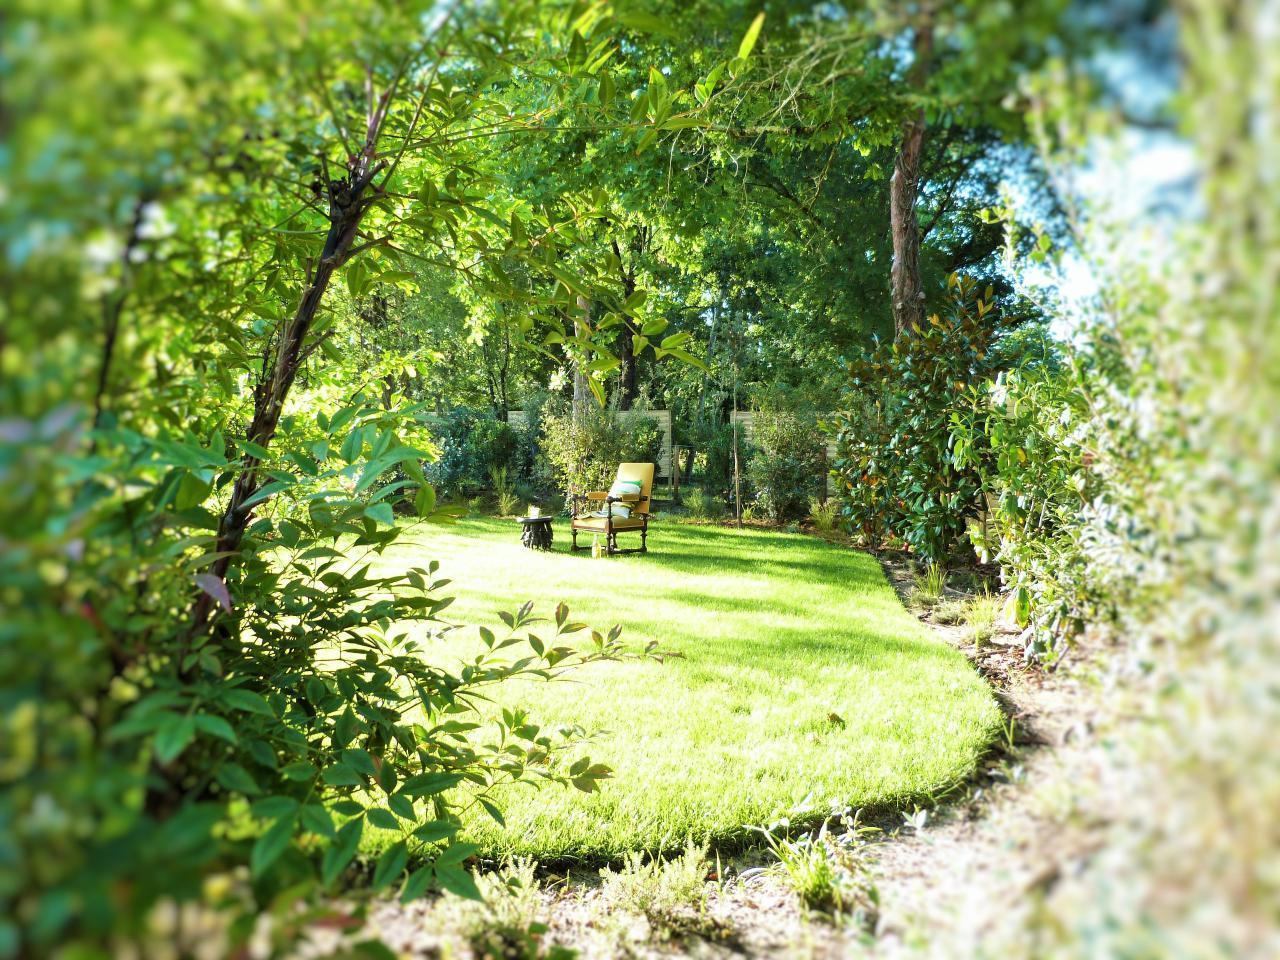 Maison de vacances Exklusives Landhaus mit Top-Küche, beheizter Pool, Naturgarten, unweit von St. Emilion, Bo (1040506), Martillac, Gironde, Aquitaine, France, image 38